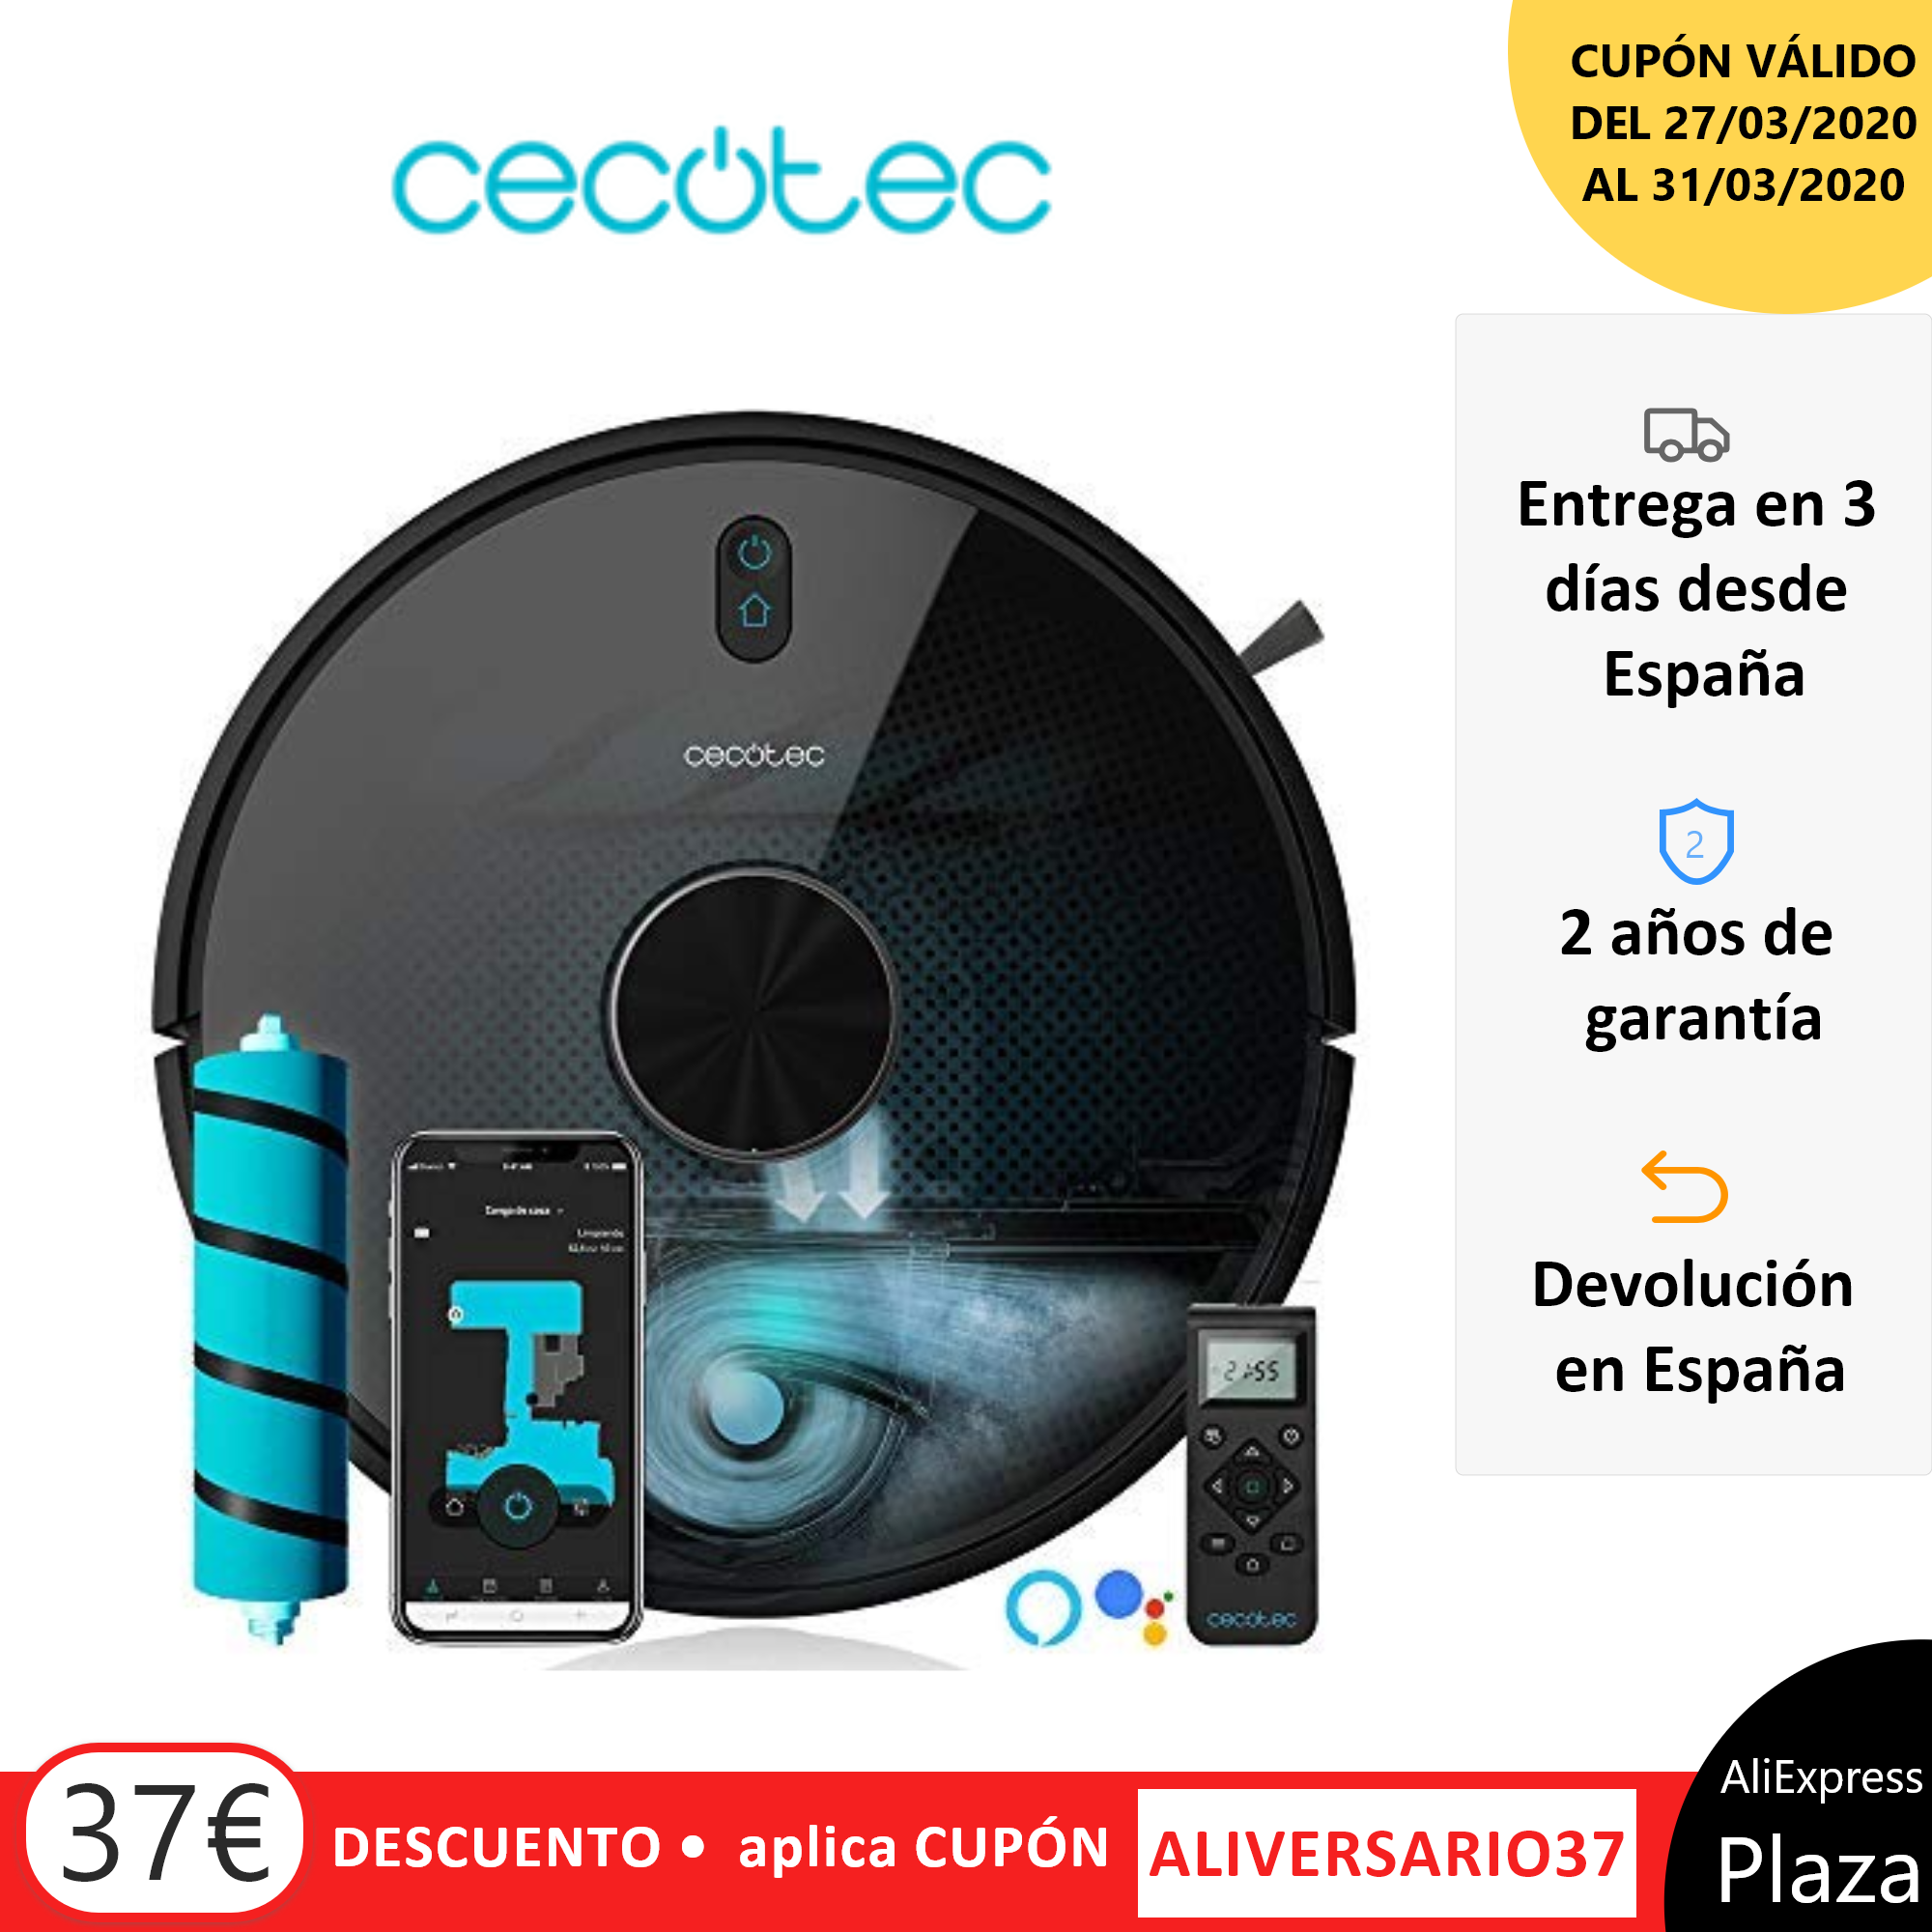 Cocotec robô aspirador conga. Elige 5090-4090-3690-3490-3290 gestión, aspira, barre, friega, cepillo jalisco